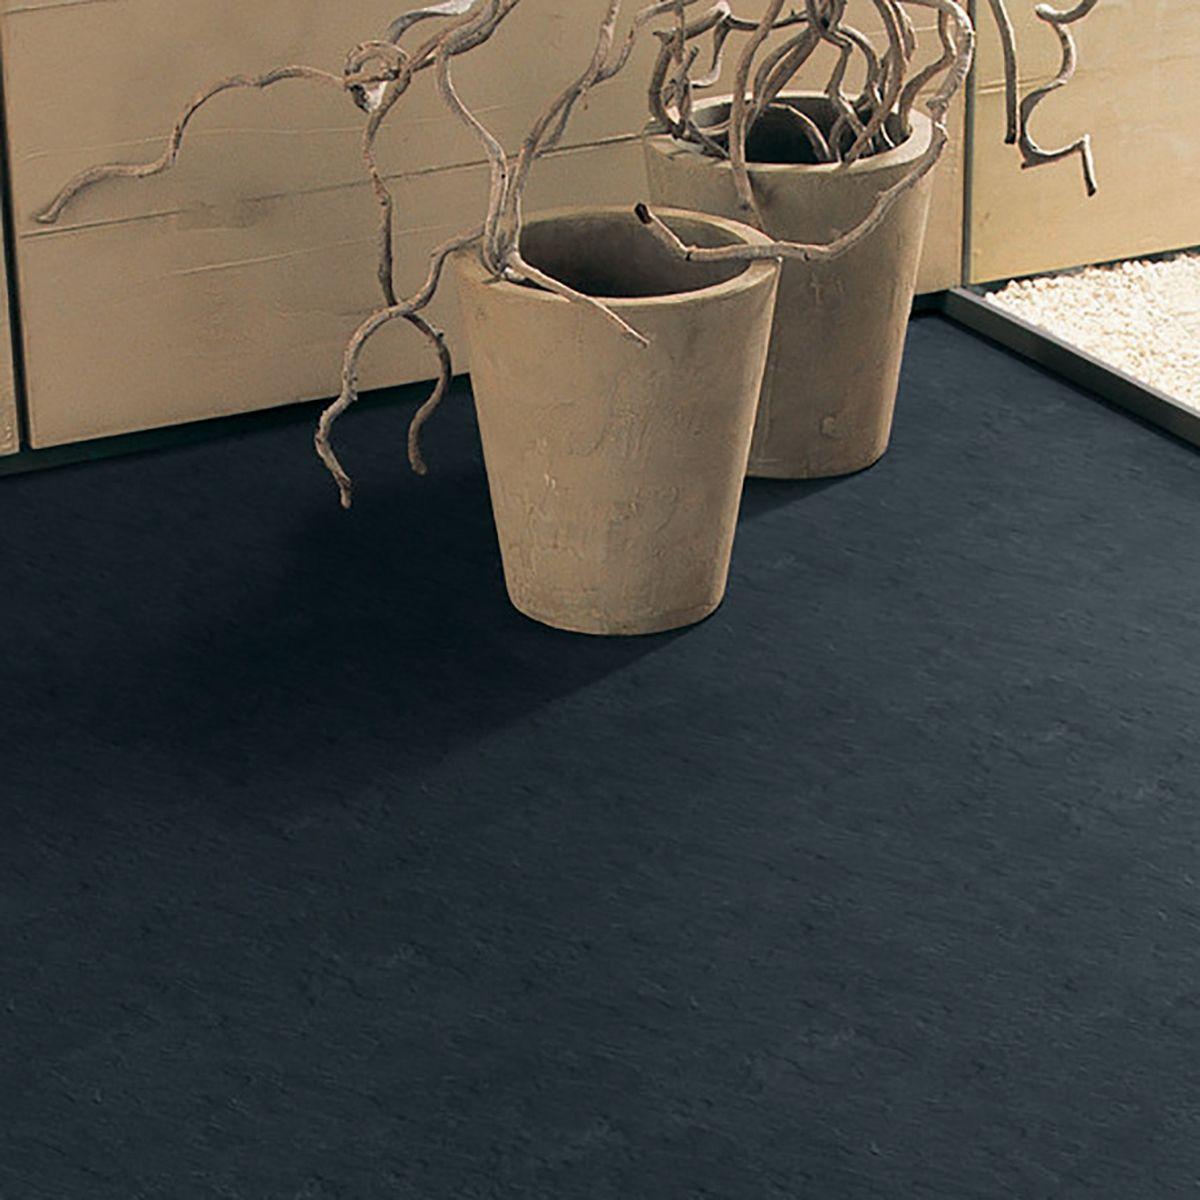 Vernice per pavimenti garage leroy merlin trendy pulitori per pavimenti e parquet antimacchia - Pavimento pvc esterno ...